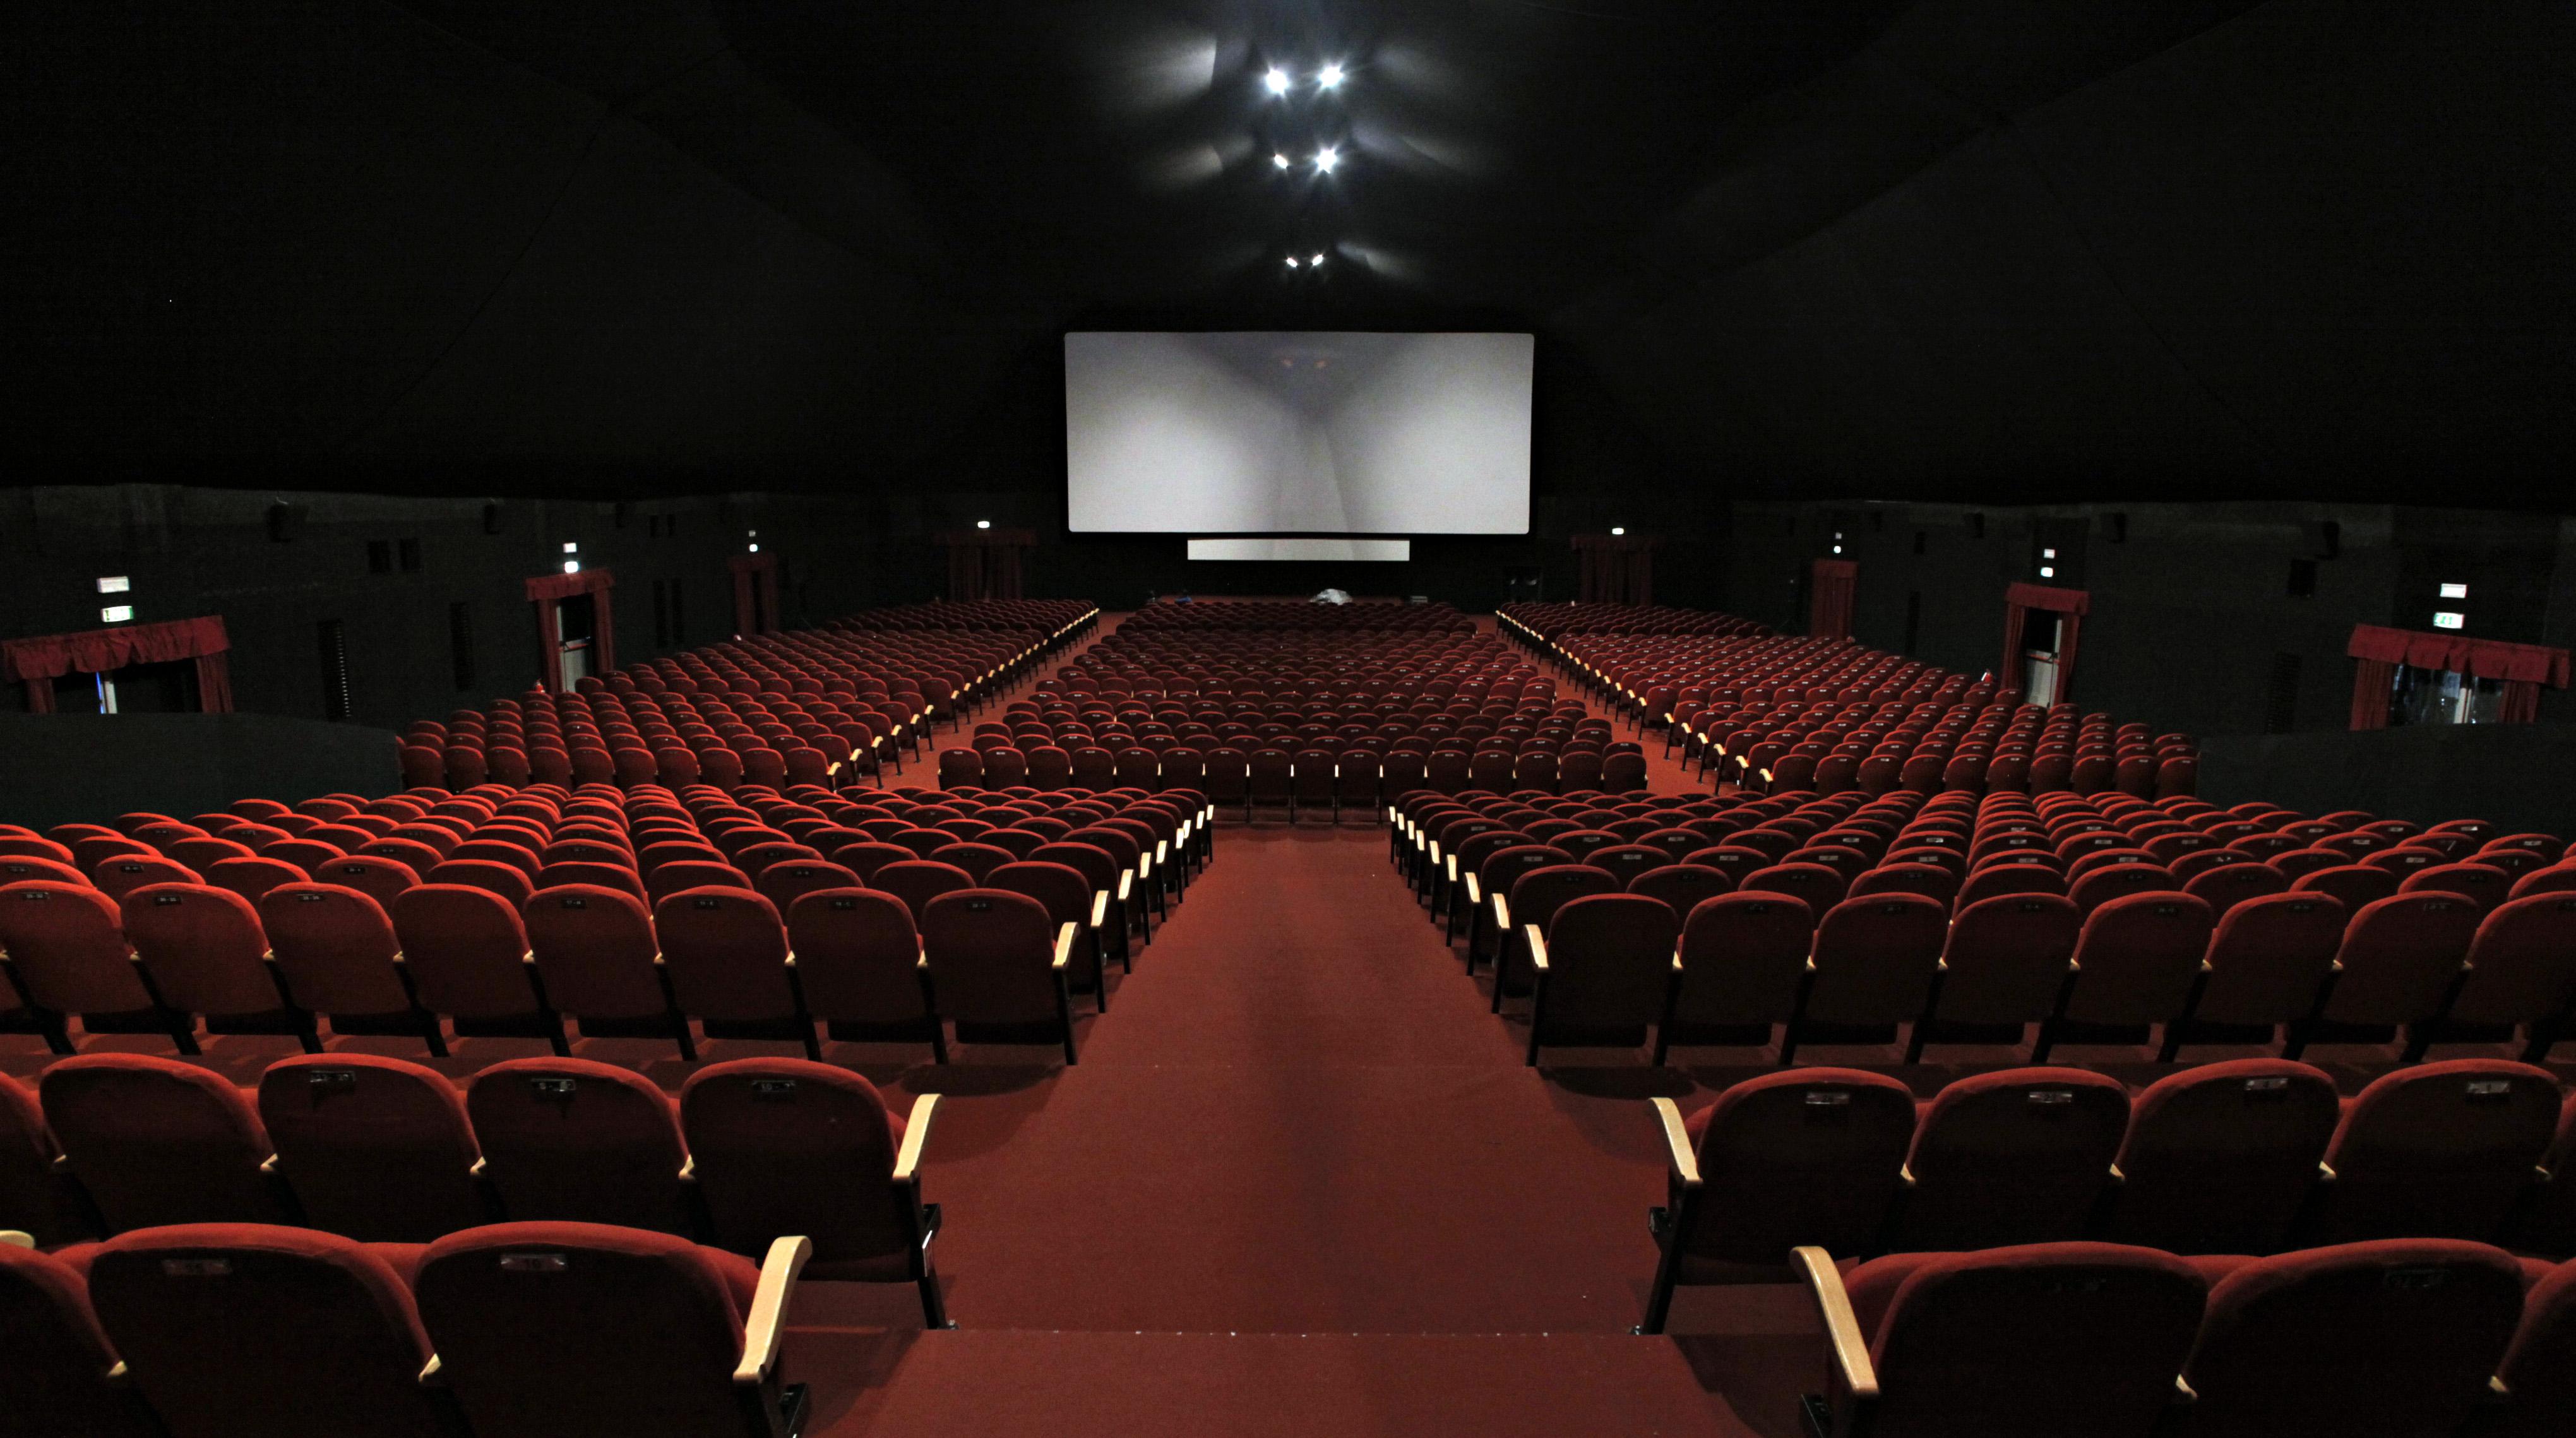 Sala De Cinema Arquivos Cinema Pla Net -> Imagem De Sala De Cinema